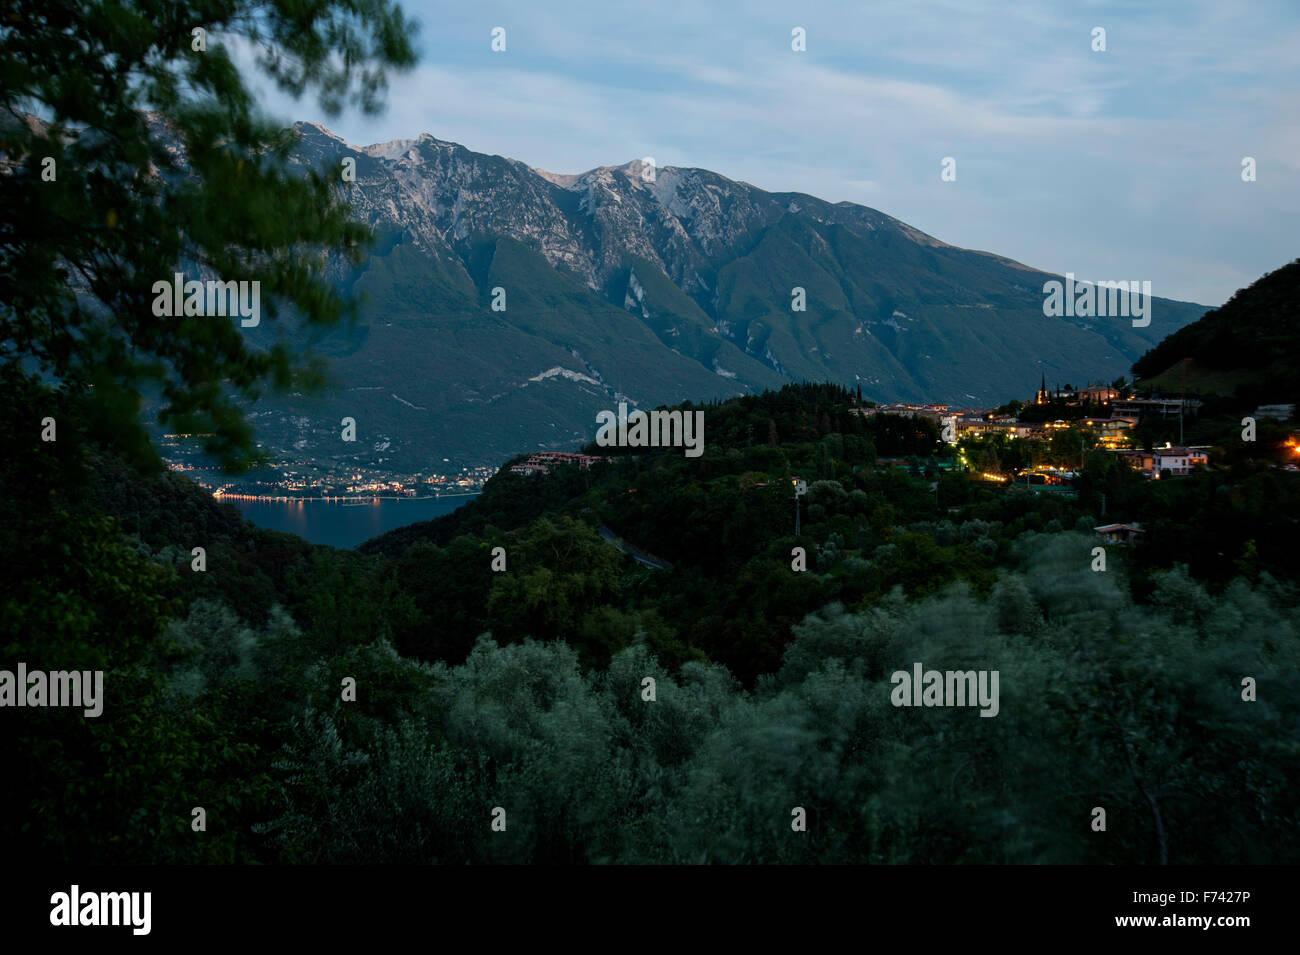 Nuit sur le Lago di Garda Tremosine, Vue du village de Pieve et Monte Baldo- Italie Banque D'Images